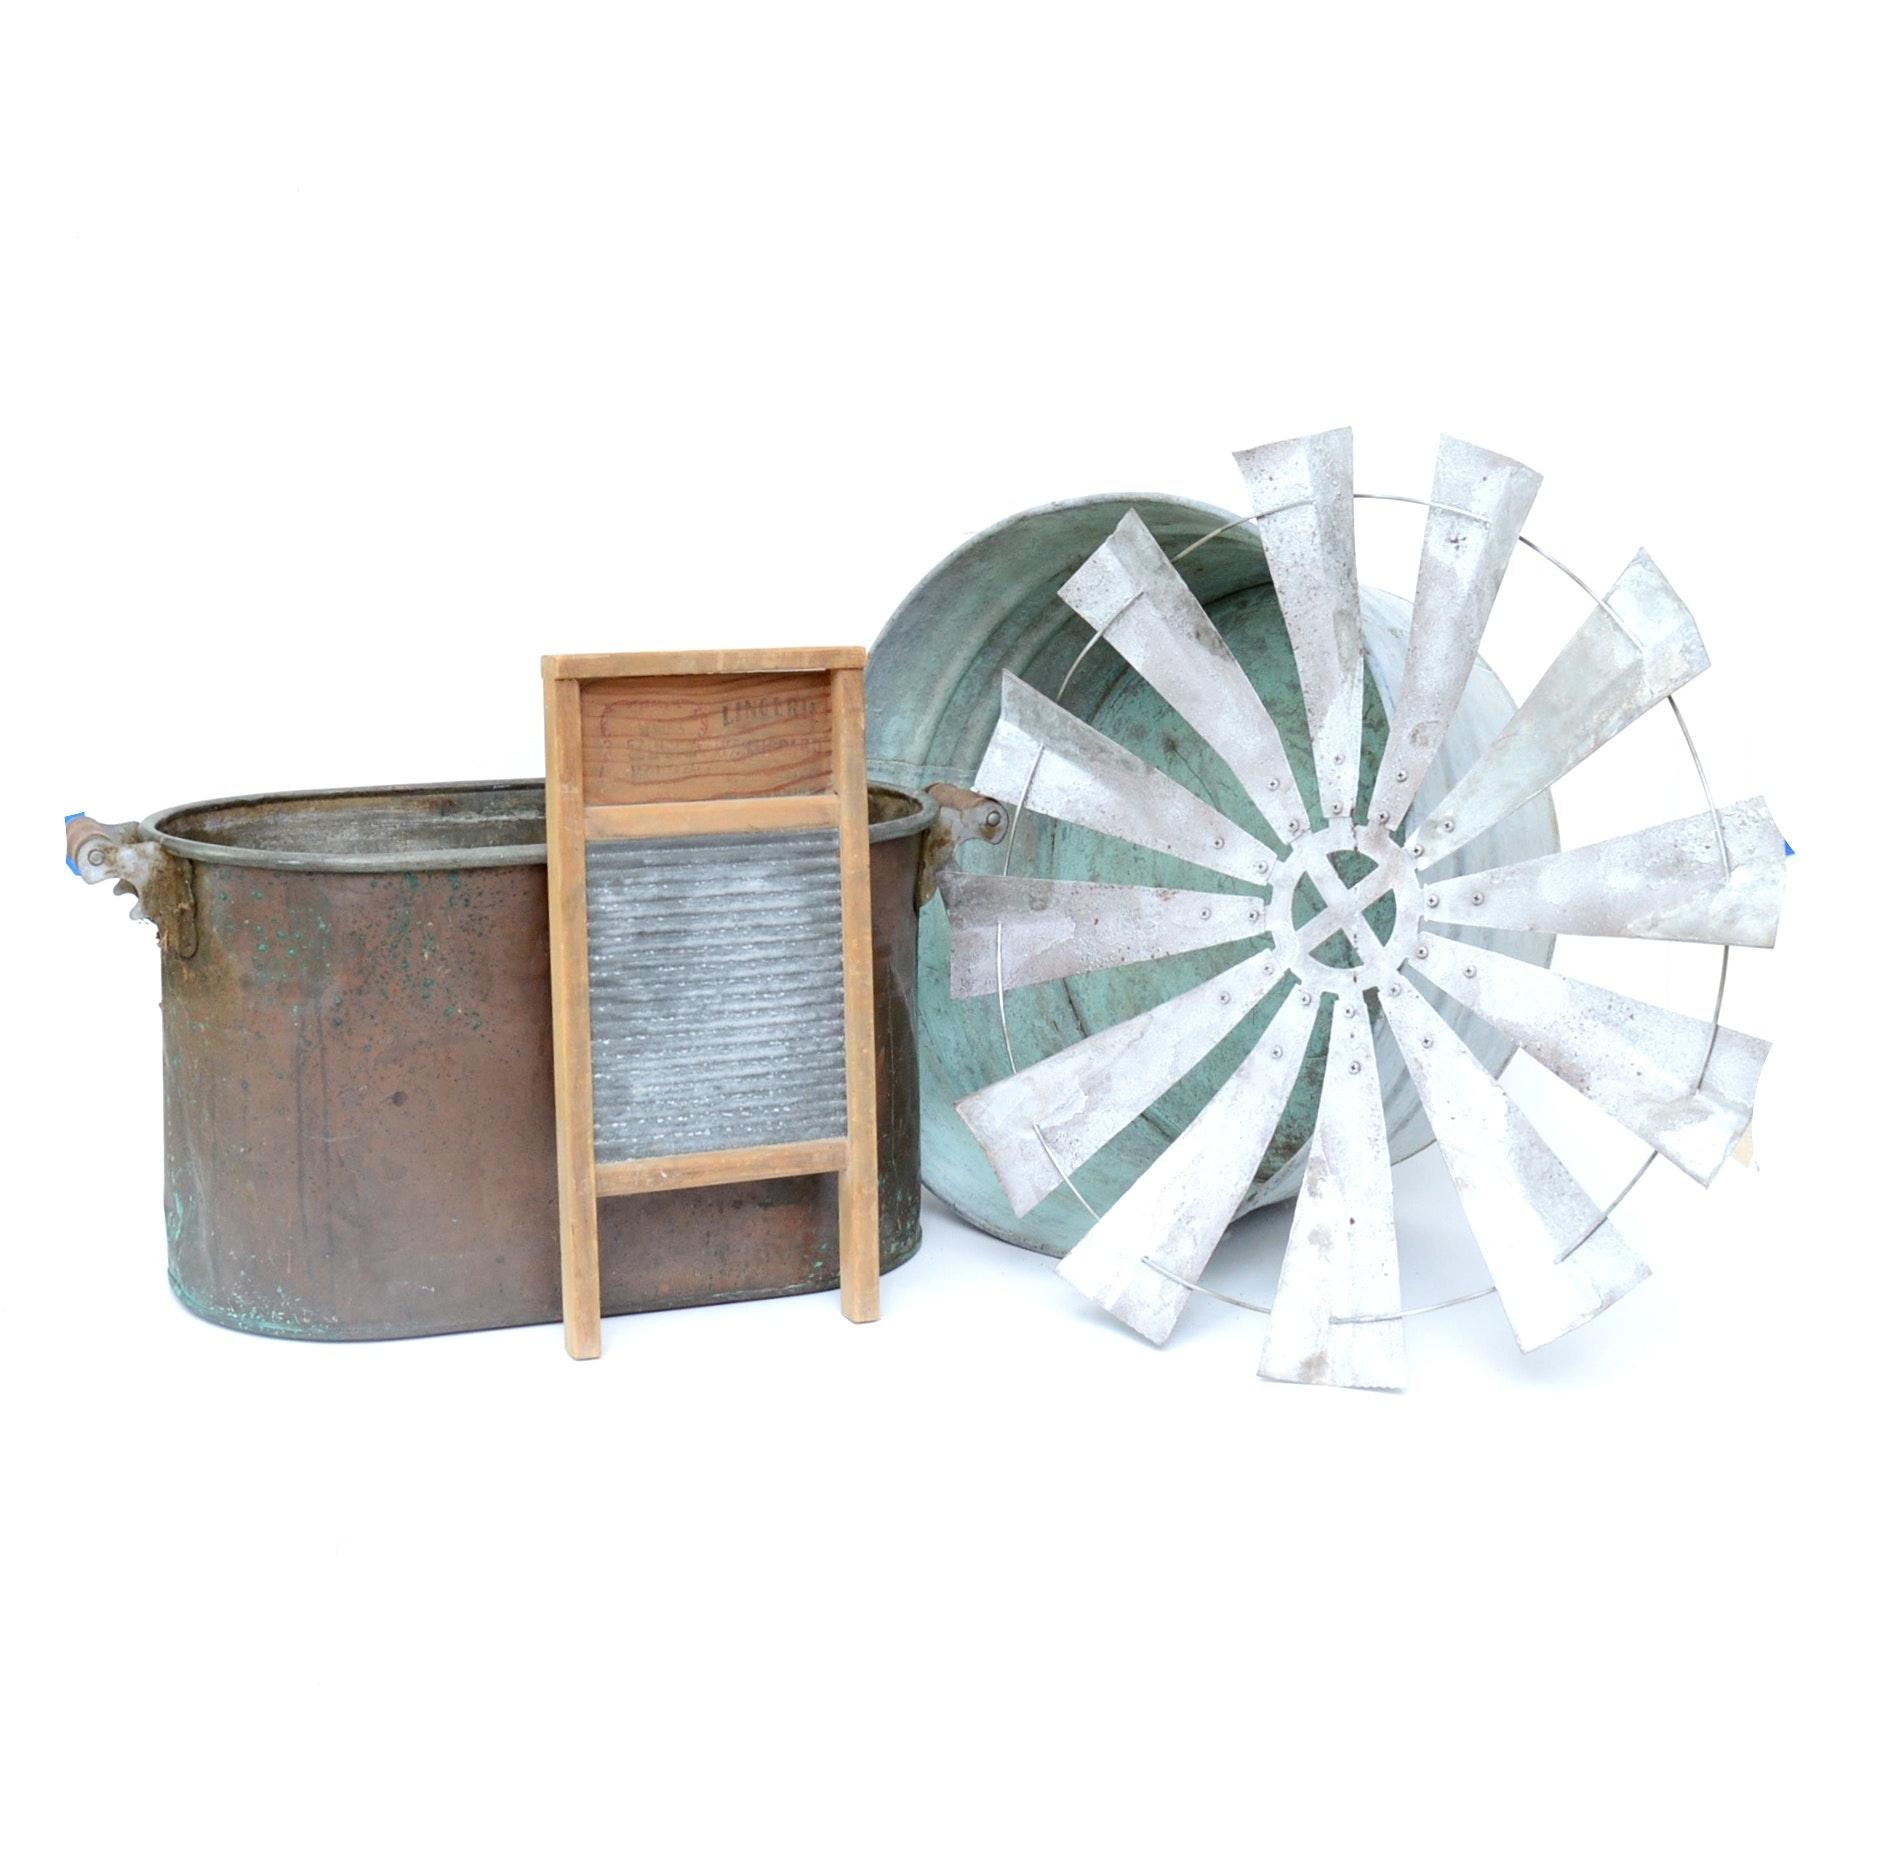 Copper Boiler, Galvanized Tub and More